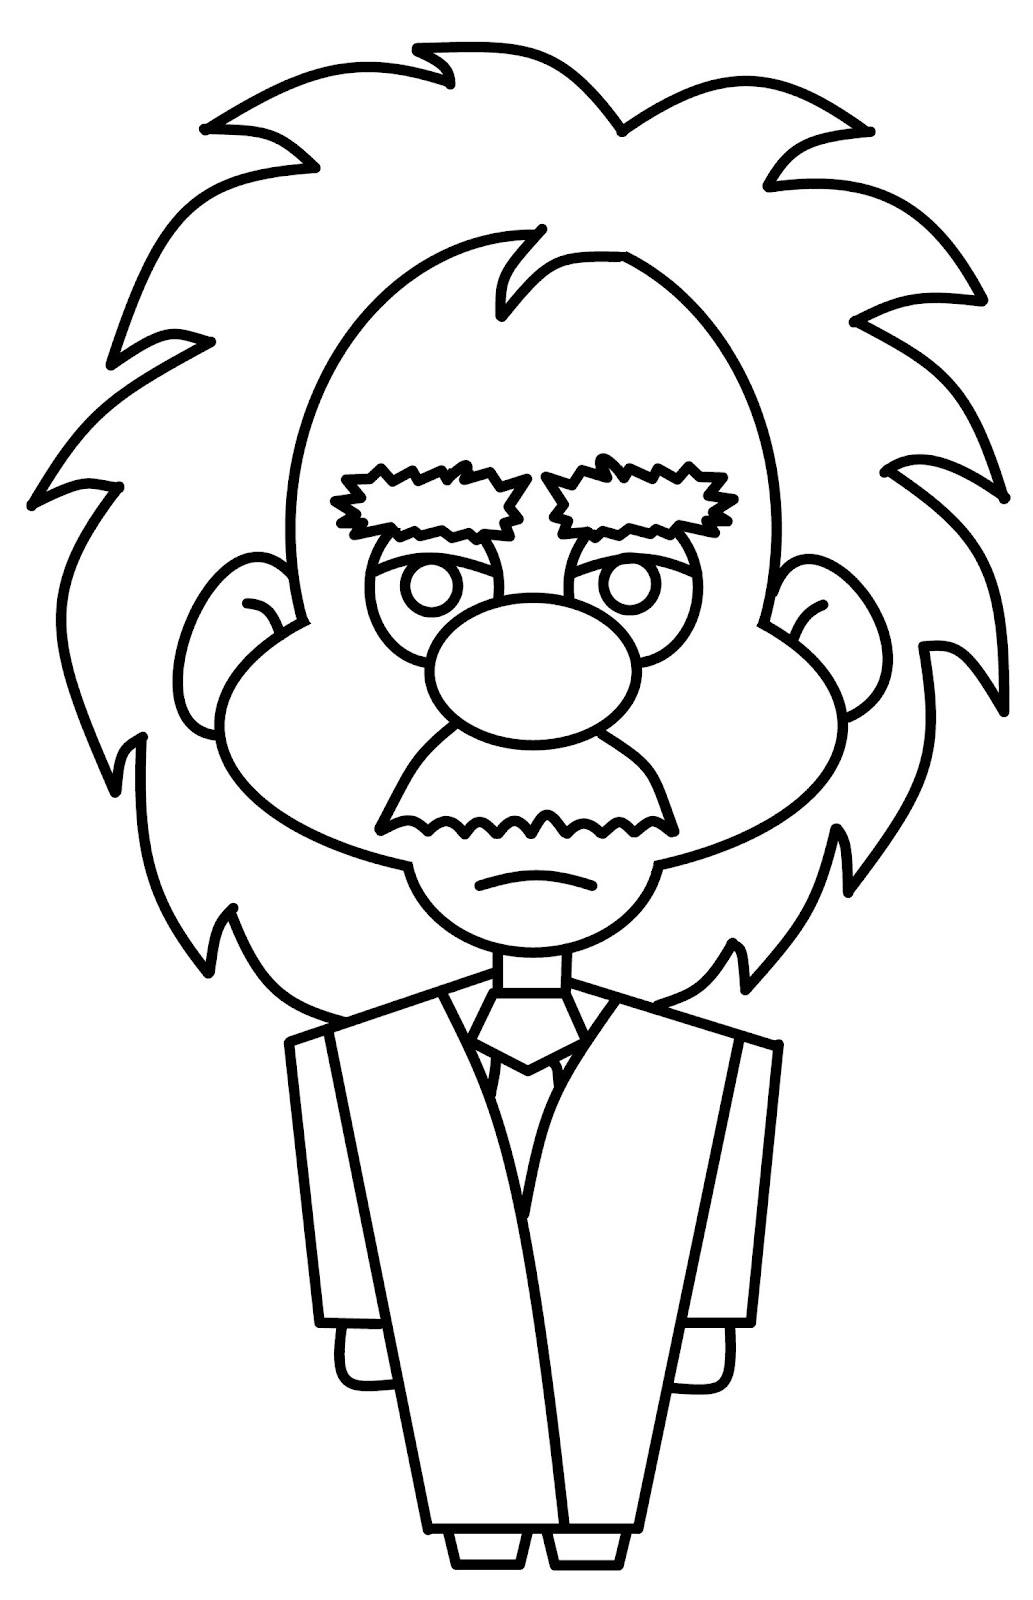 How To Draw Cartoons Einstein